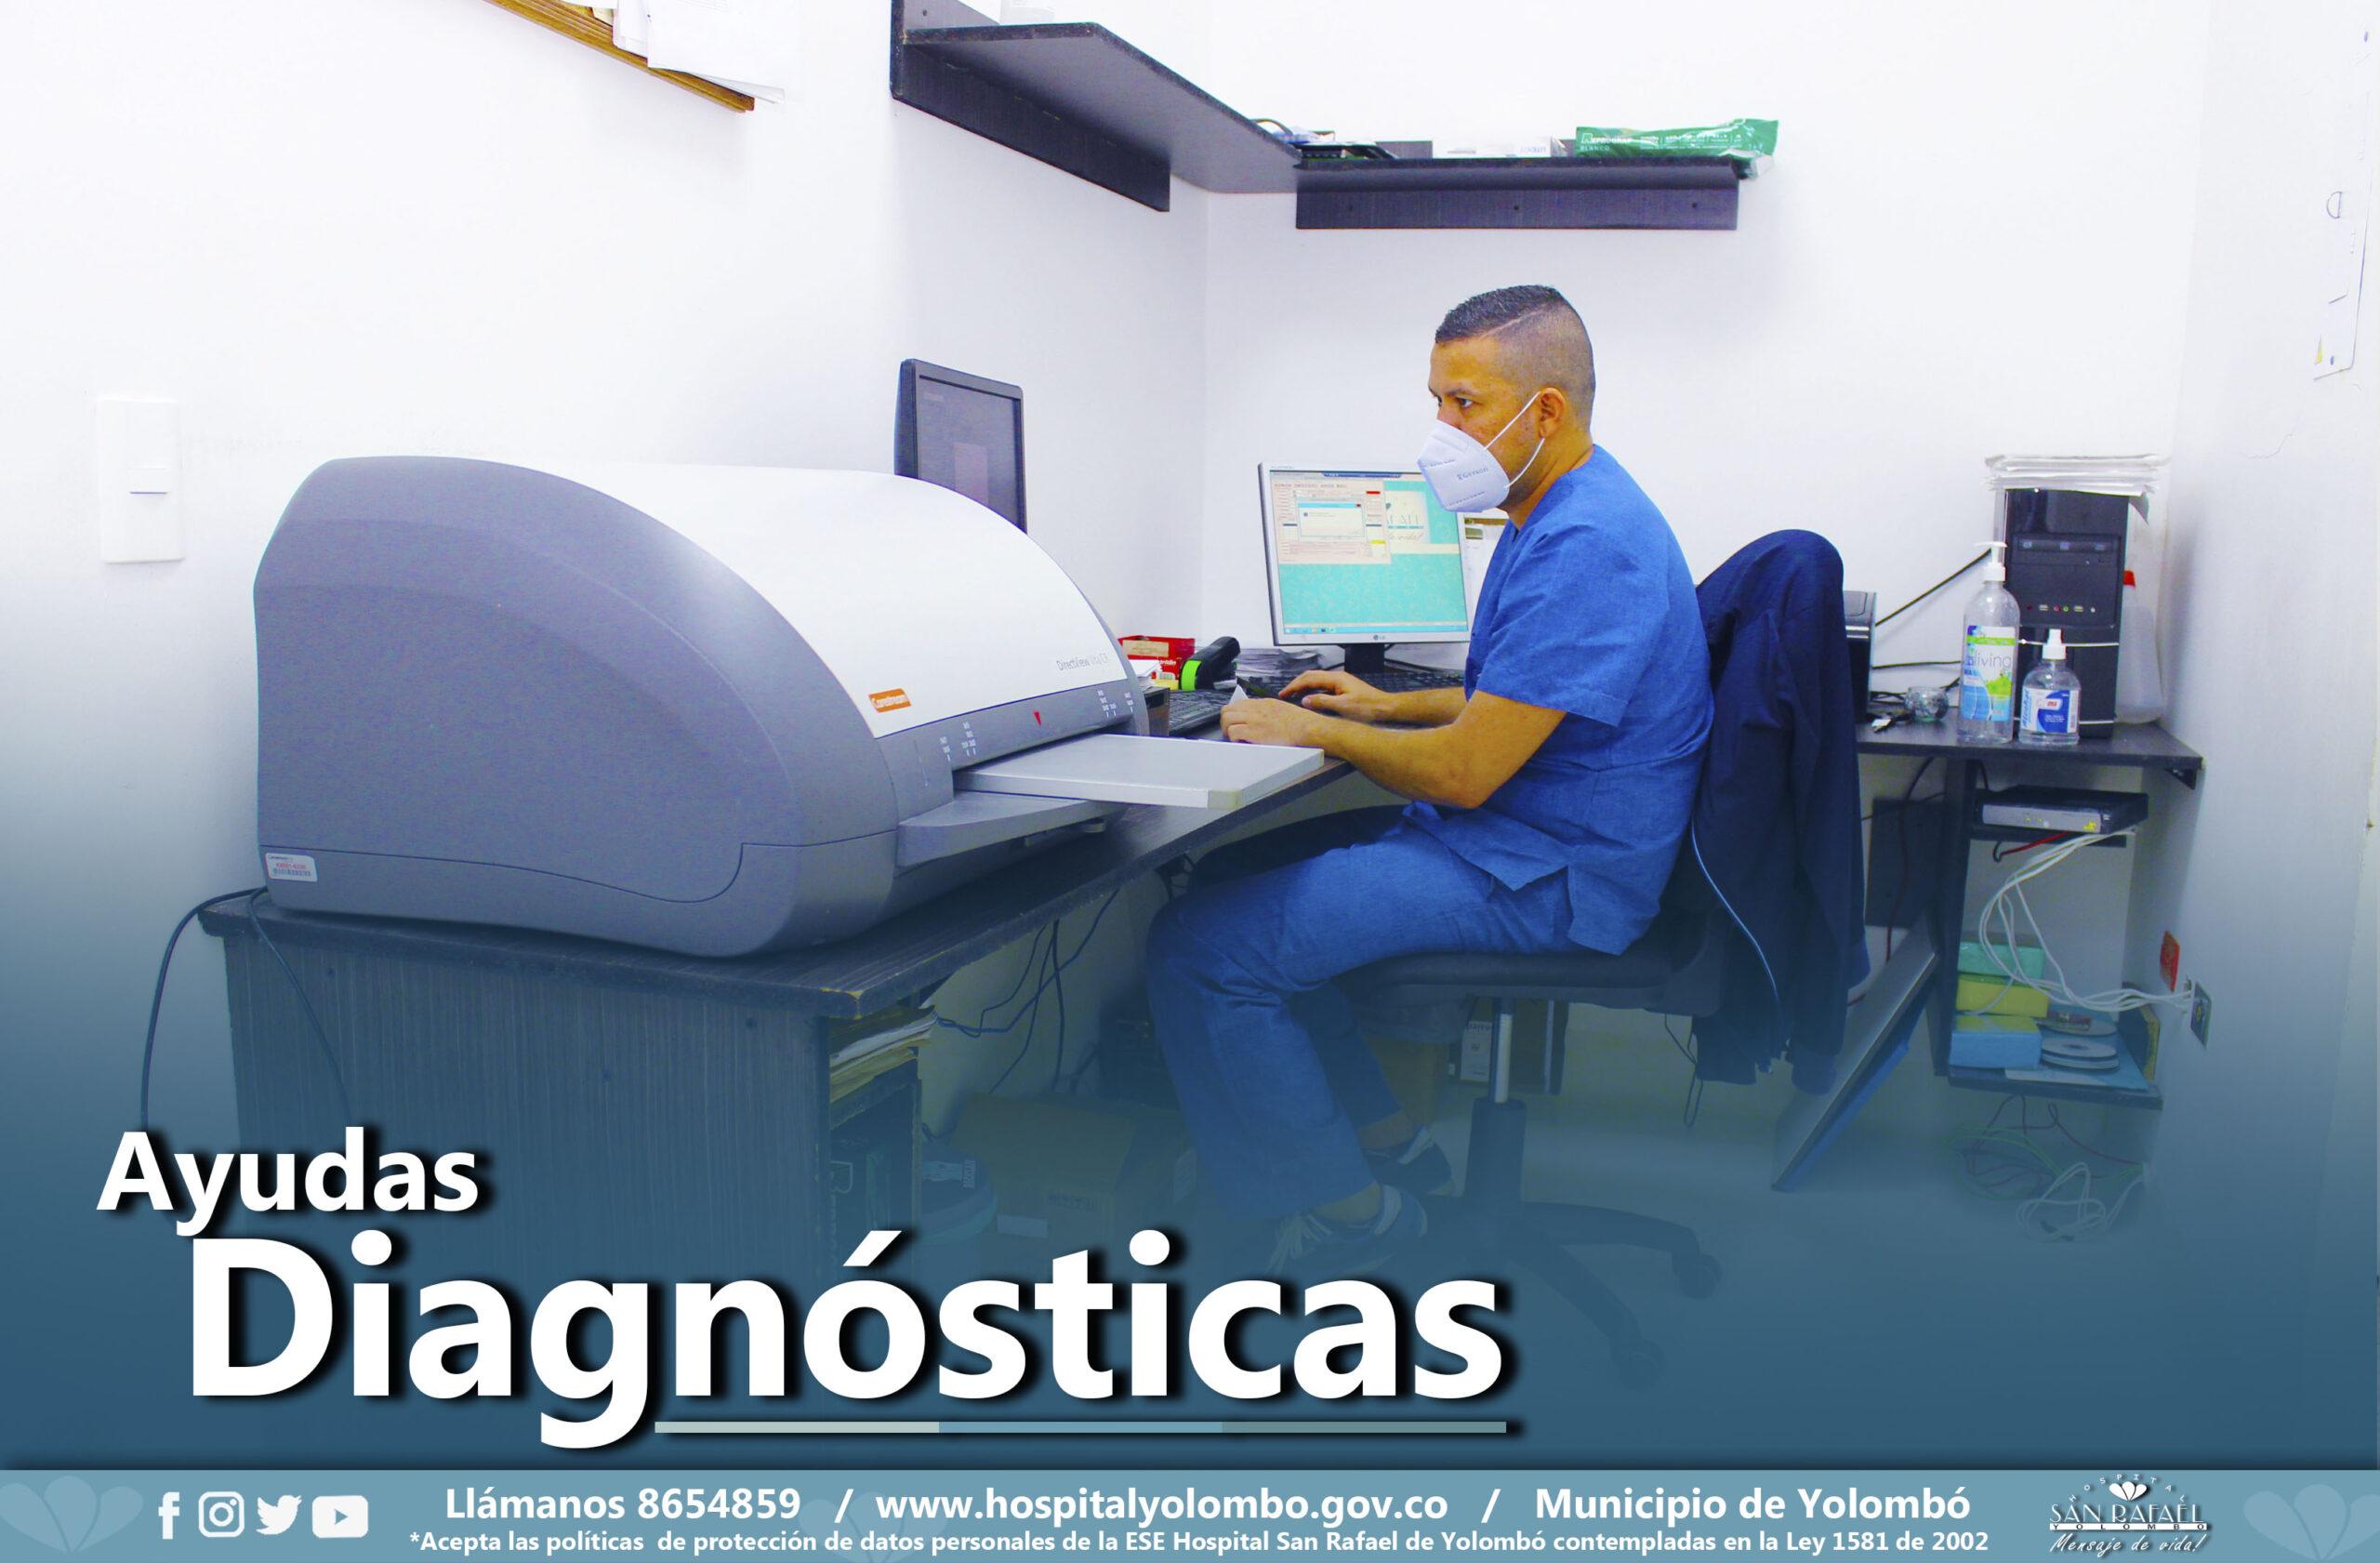 AYUDAS DIAGNÓSTICAS V2